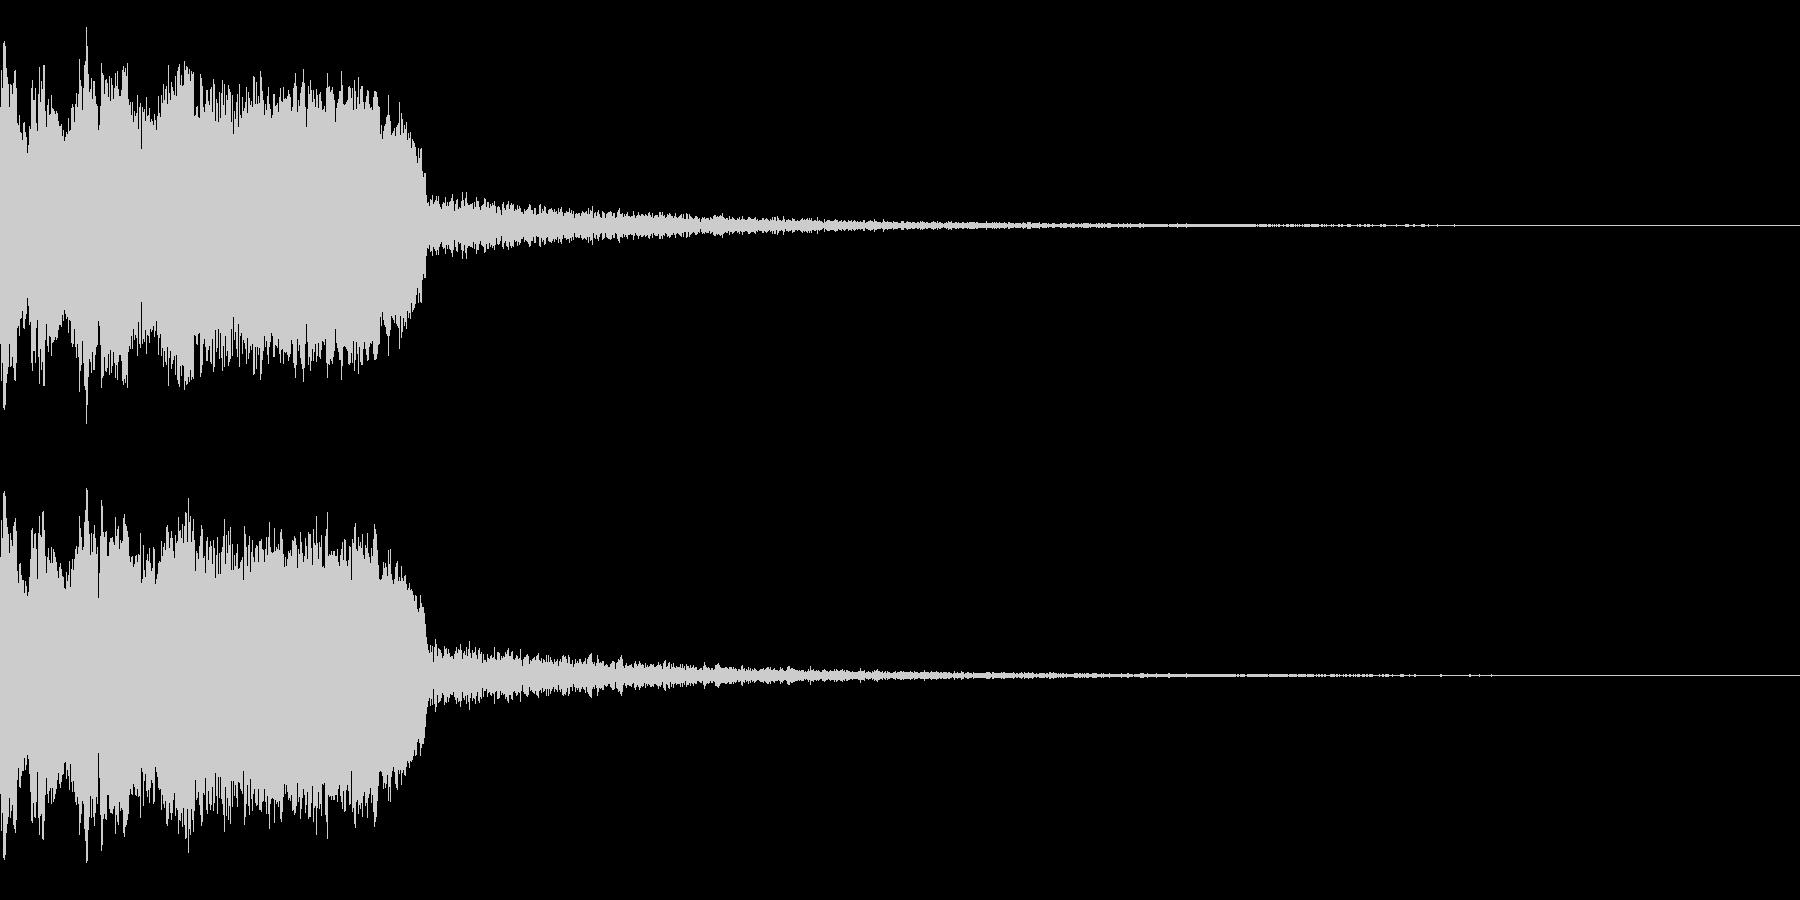 DJFX ヒットチャート発表前SE 9の未再生の波形